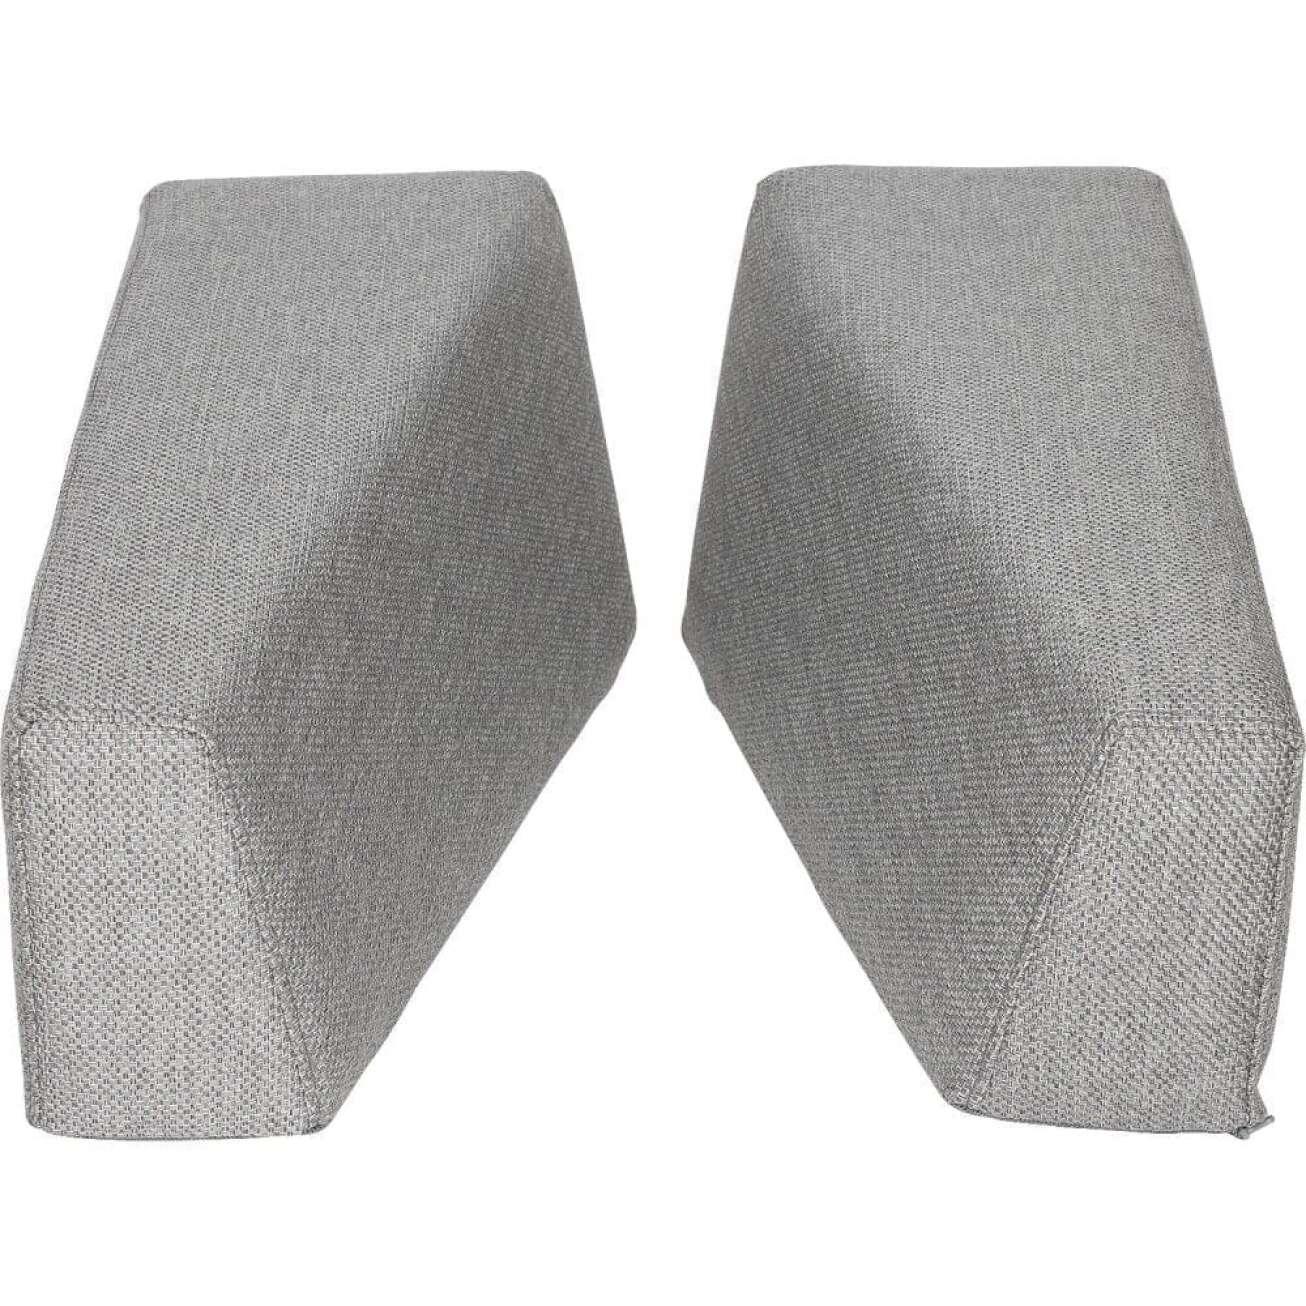 Sundays Frame høyre- og venstrepute til armlene i grå tekstil